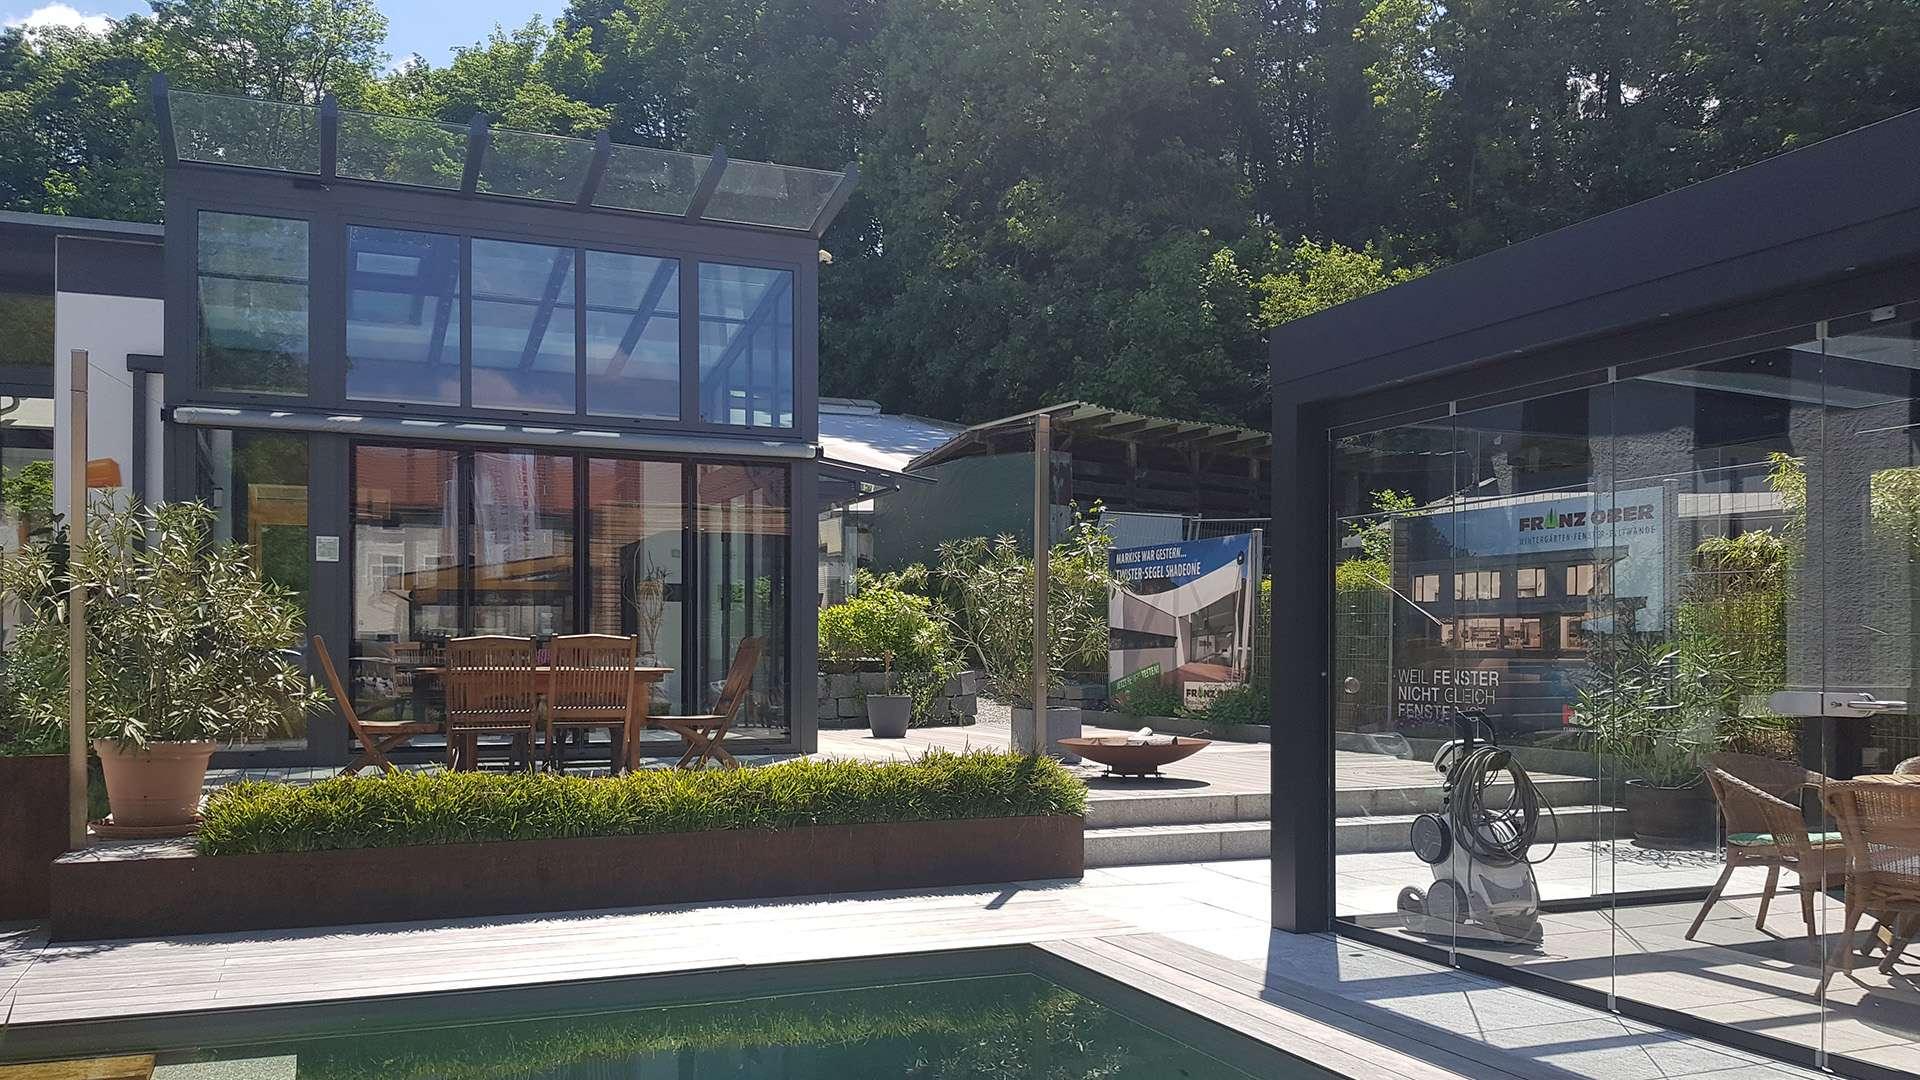 Wintergarten und SDL Acubis in der Außenausstellung der Schreinerei Ober in Neuötting